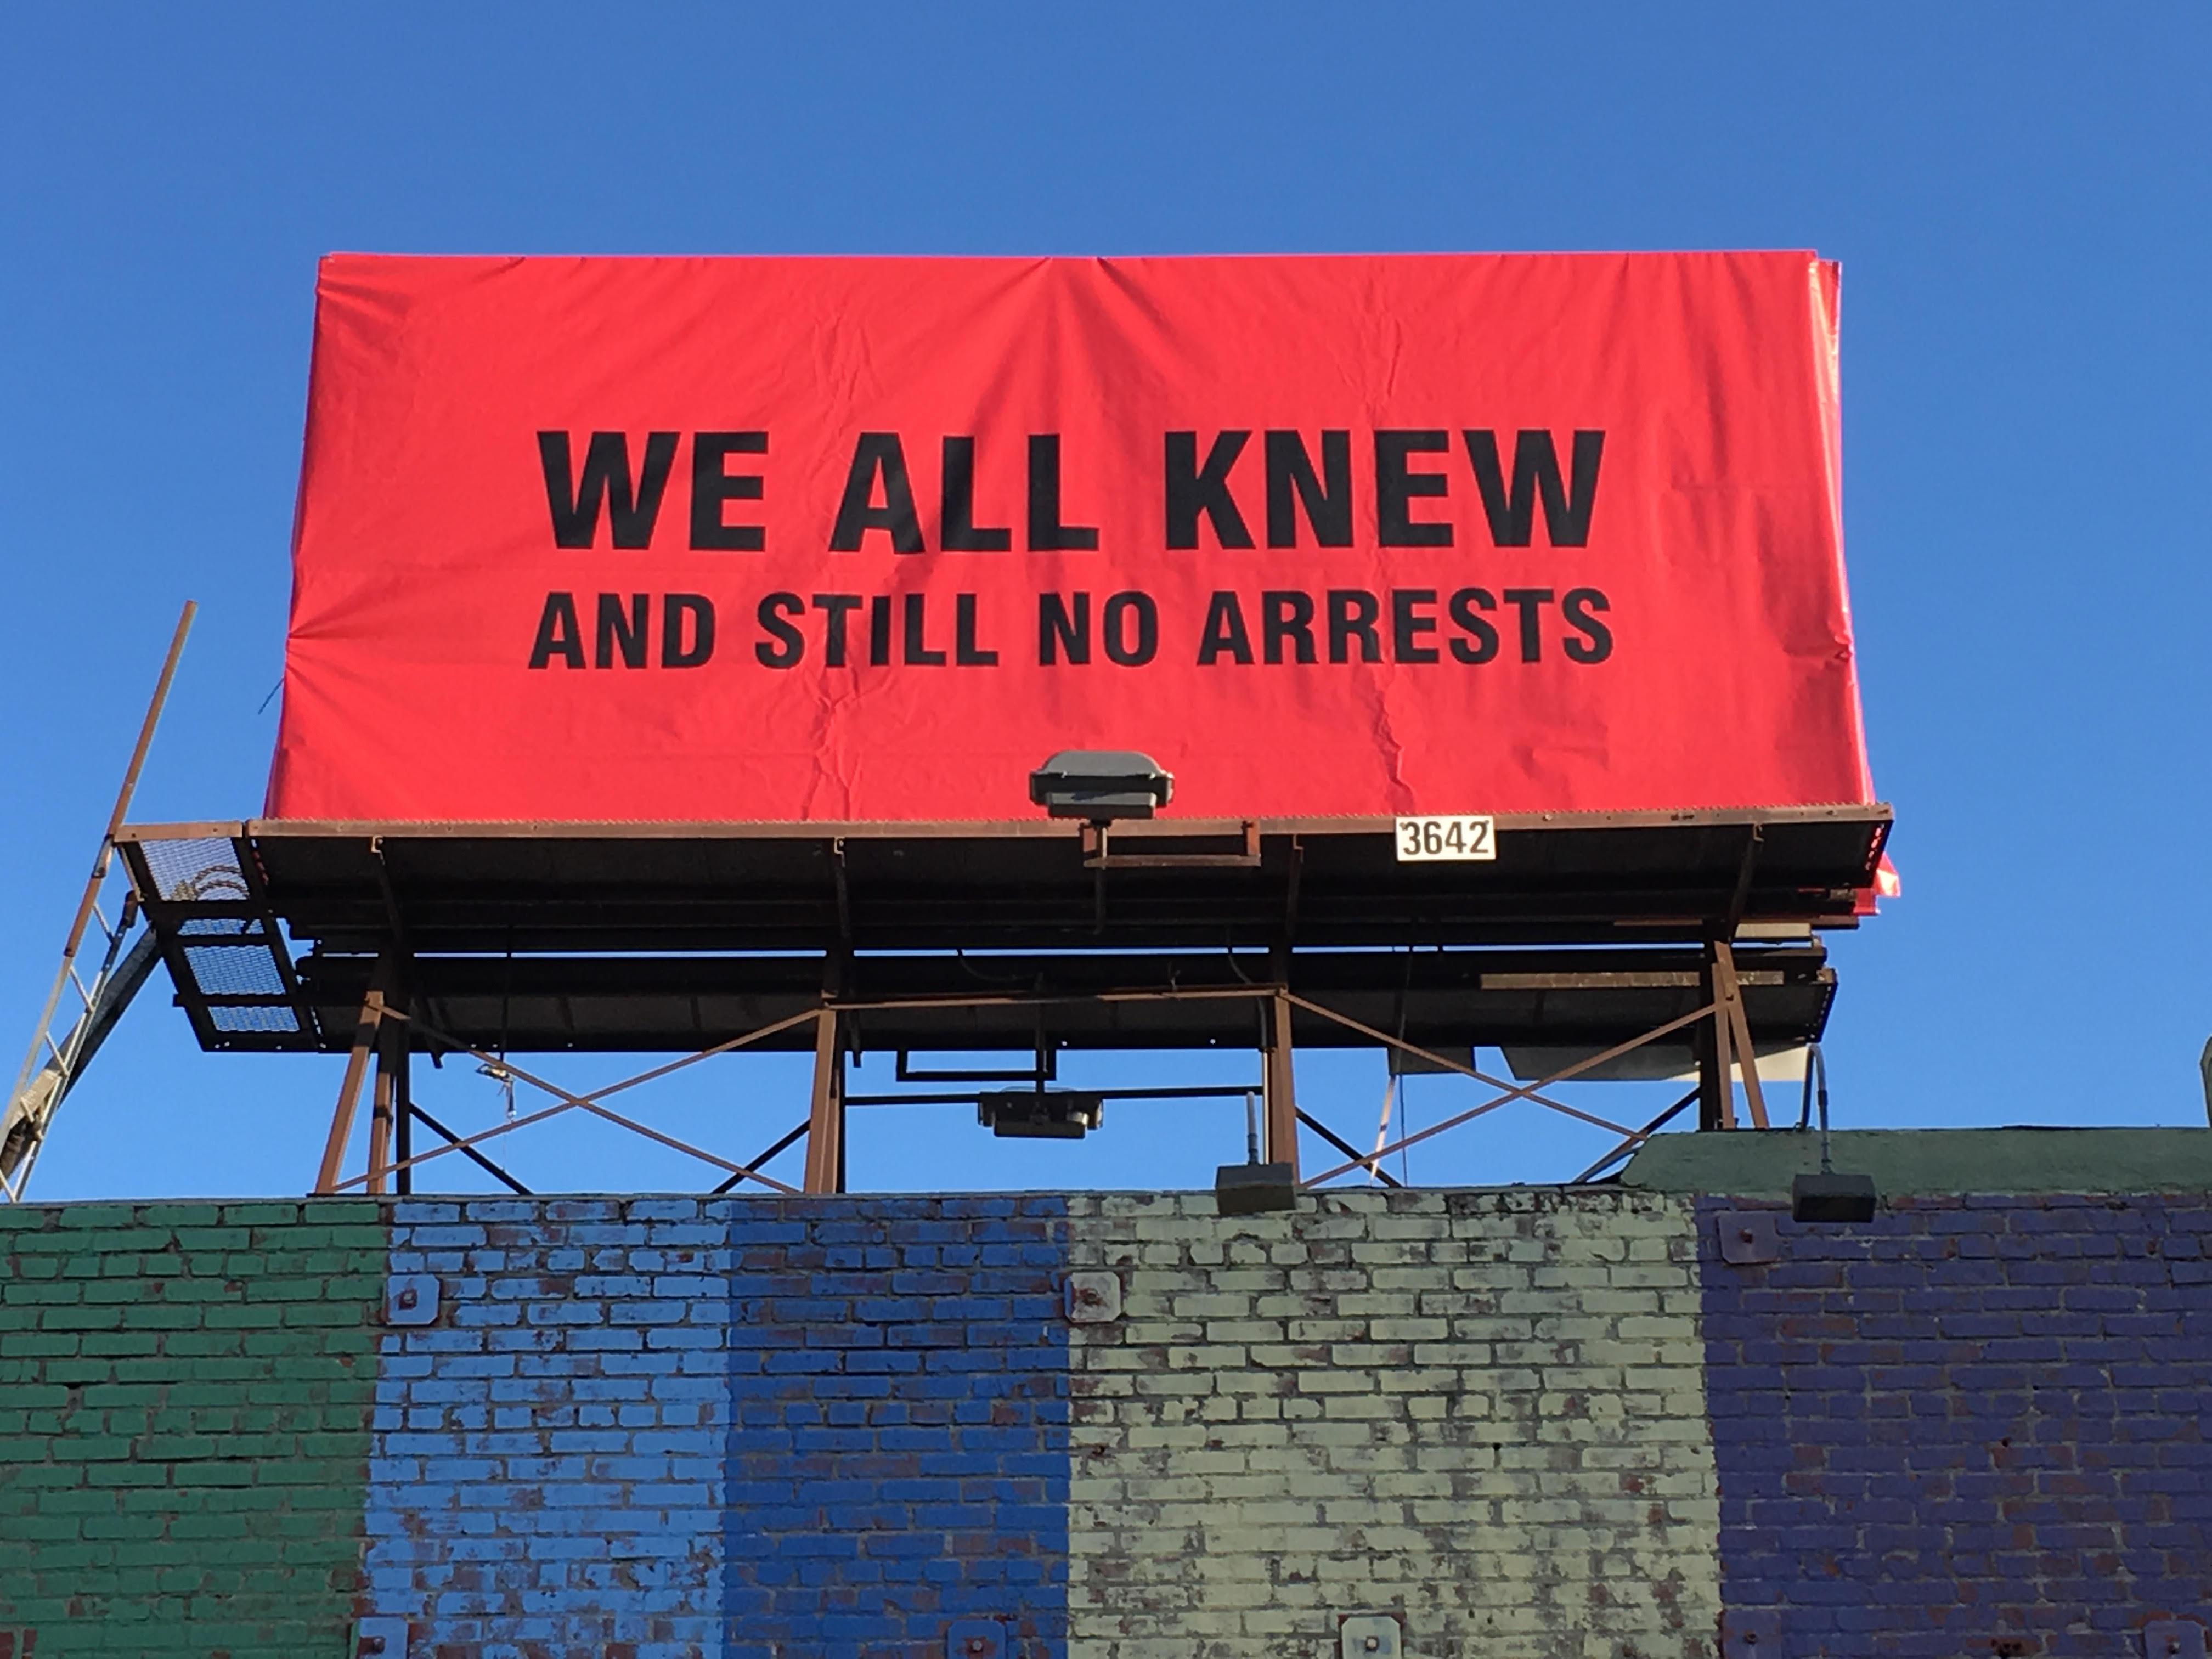 В Голливуде накануне «Оскара» появились провокационные билборды